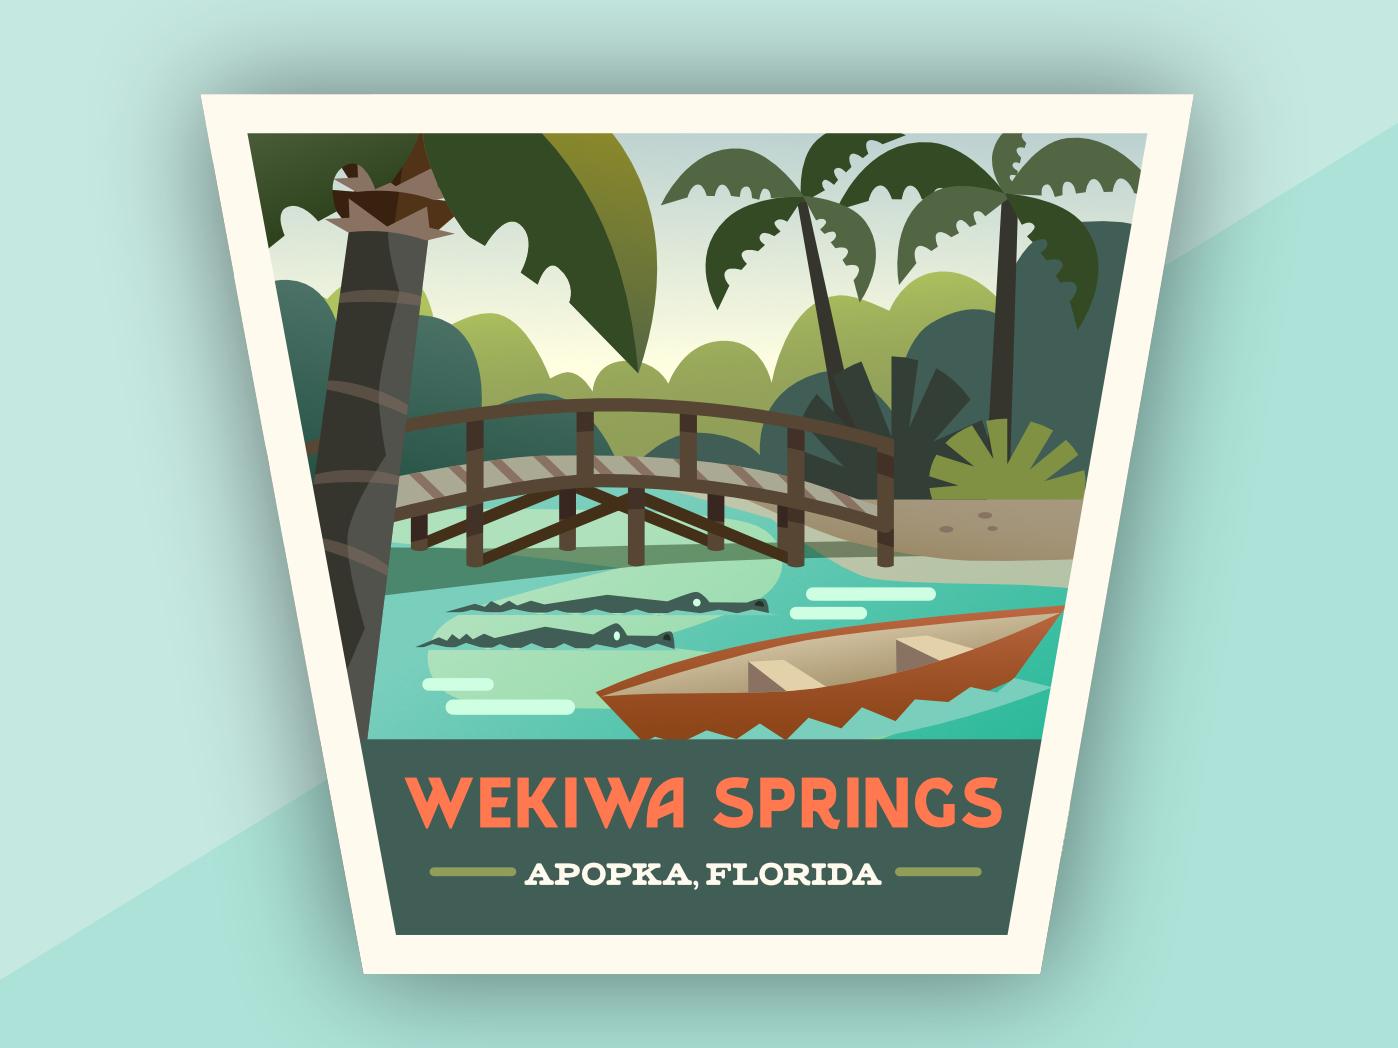 Wekiwa Springs icon branding design vector affinity designer illustration apopka florida wekiwa wekiwa springs